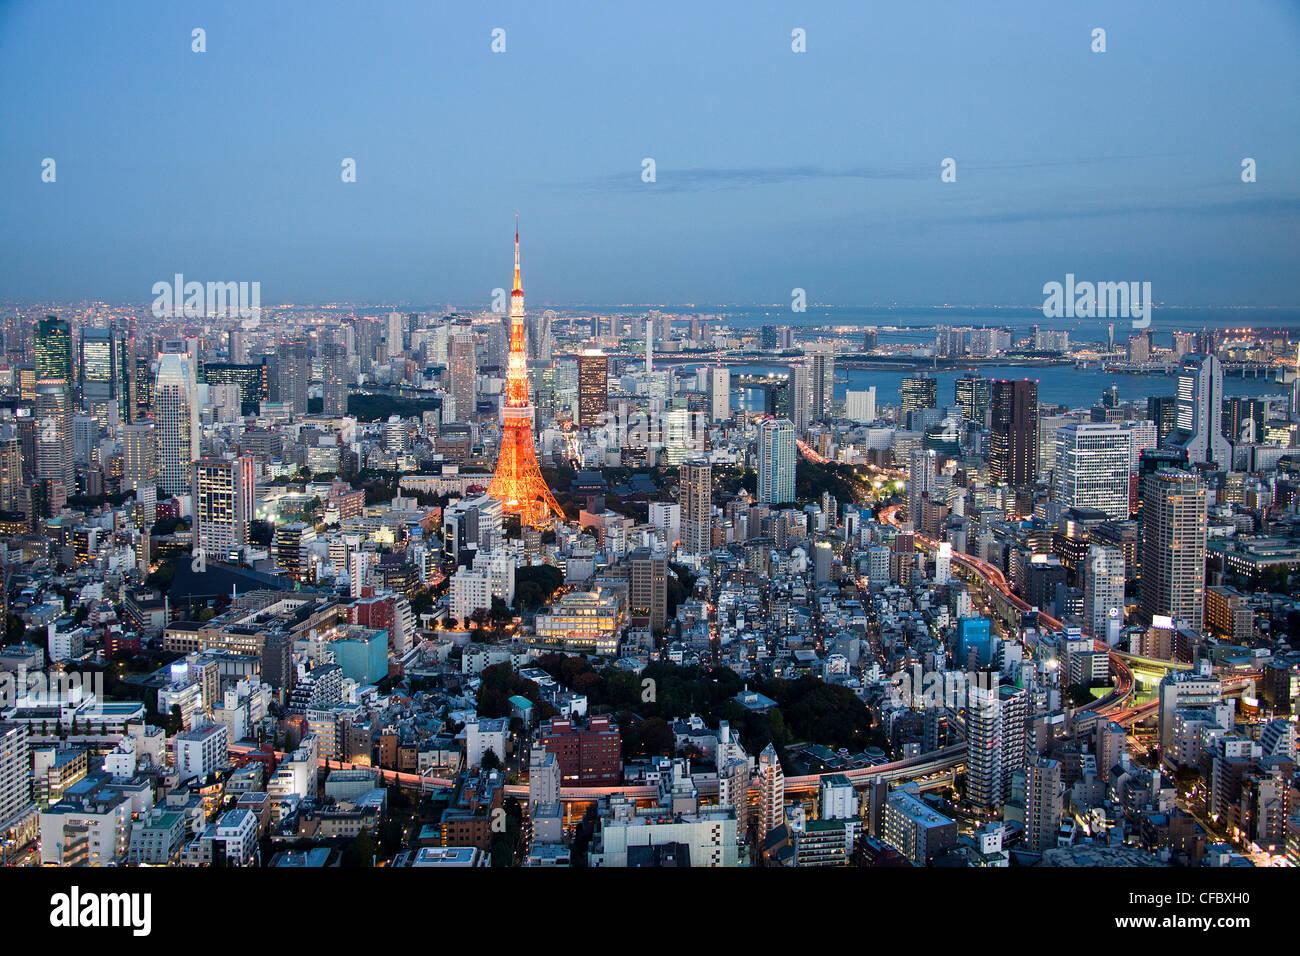 Giappone, Asia, Tokyo, città, Tokyo, la Torre di Tokyo, architettura, grandi edifici, city e il centro cittadino, Immagini Stock